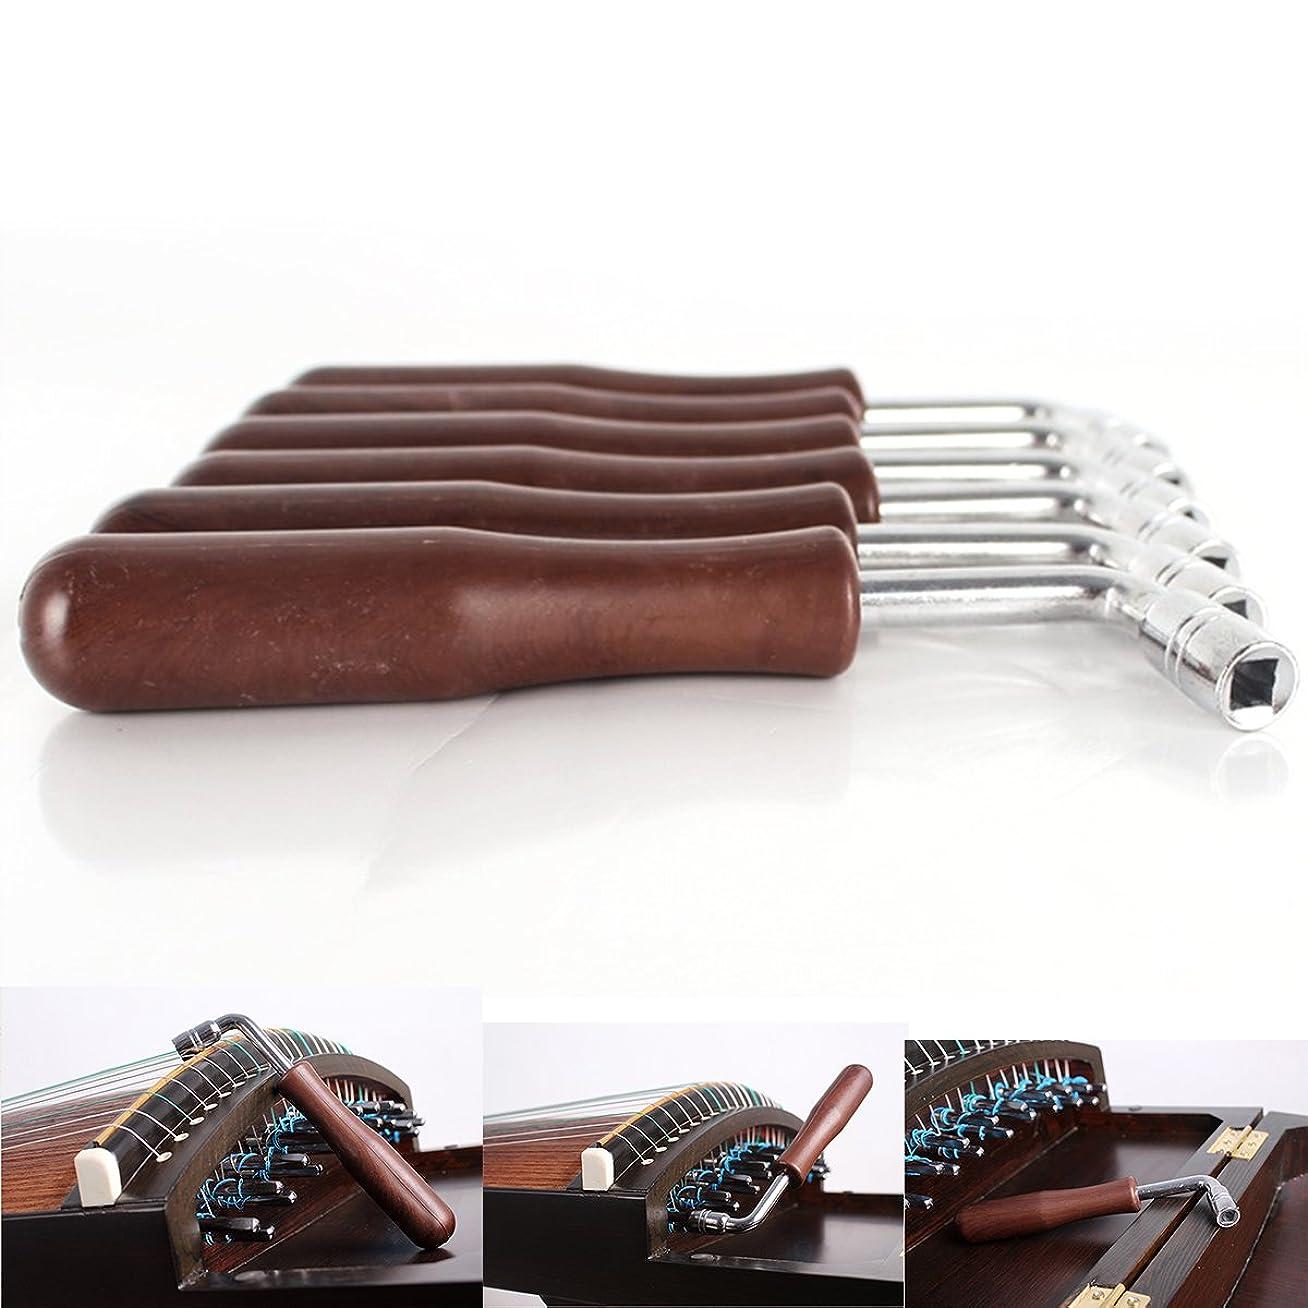 バンケットオートドロップPro-Nicee 調律工具 箏、ピアノ用ハンマーレンチ チューニングキット 筝調律ツール 古筝チューナー 四角形